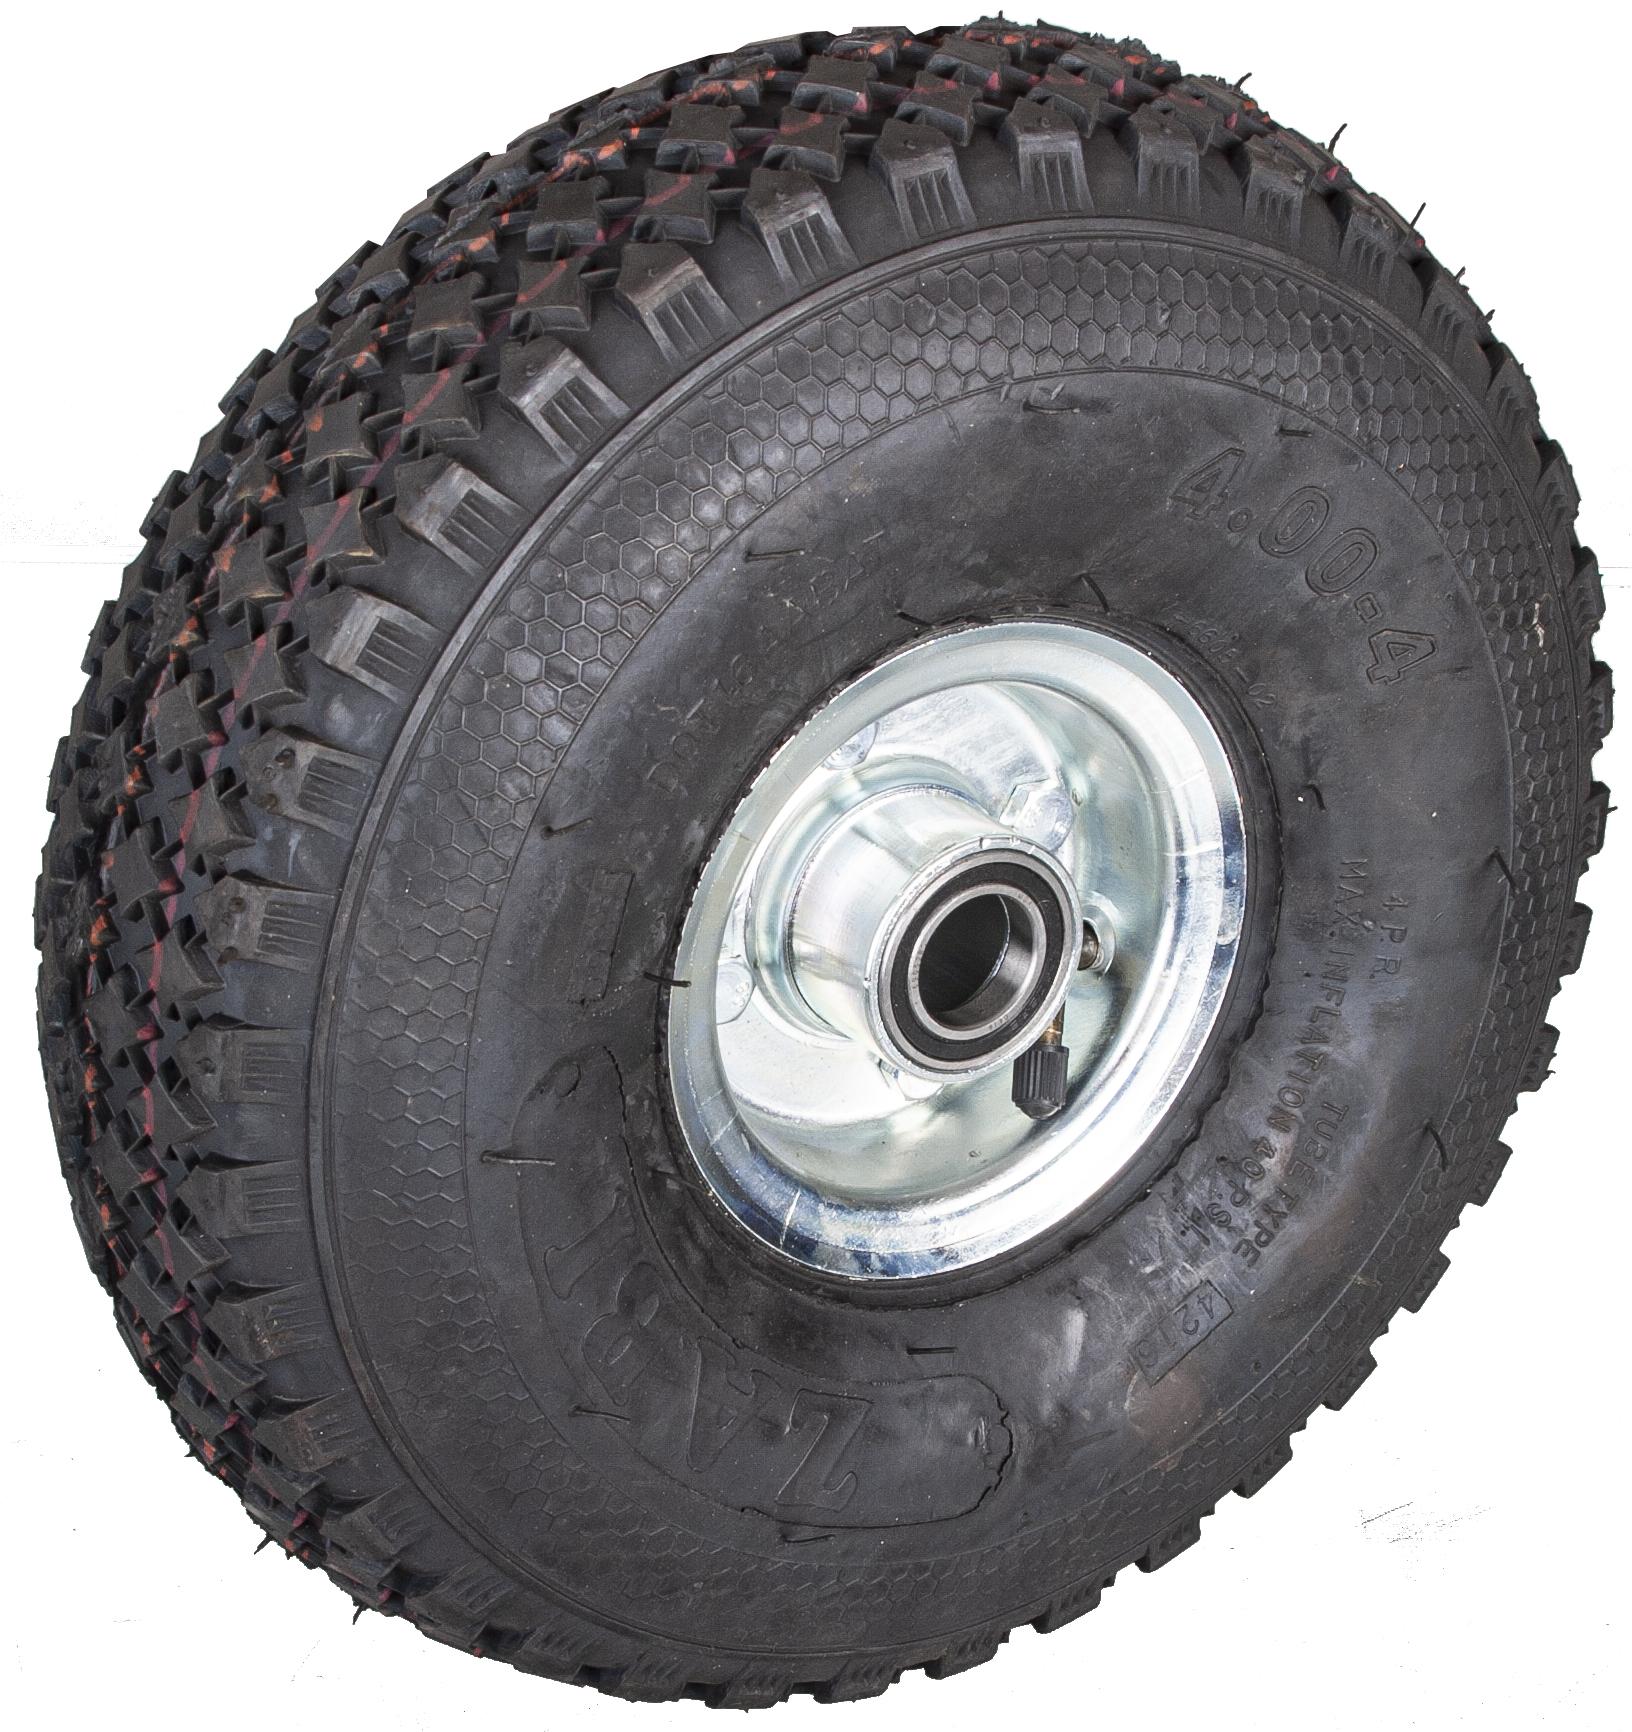 Rad für Stahlrohrsackkarre verzinkt 600kg